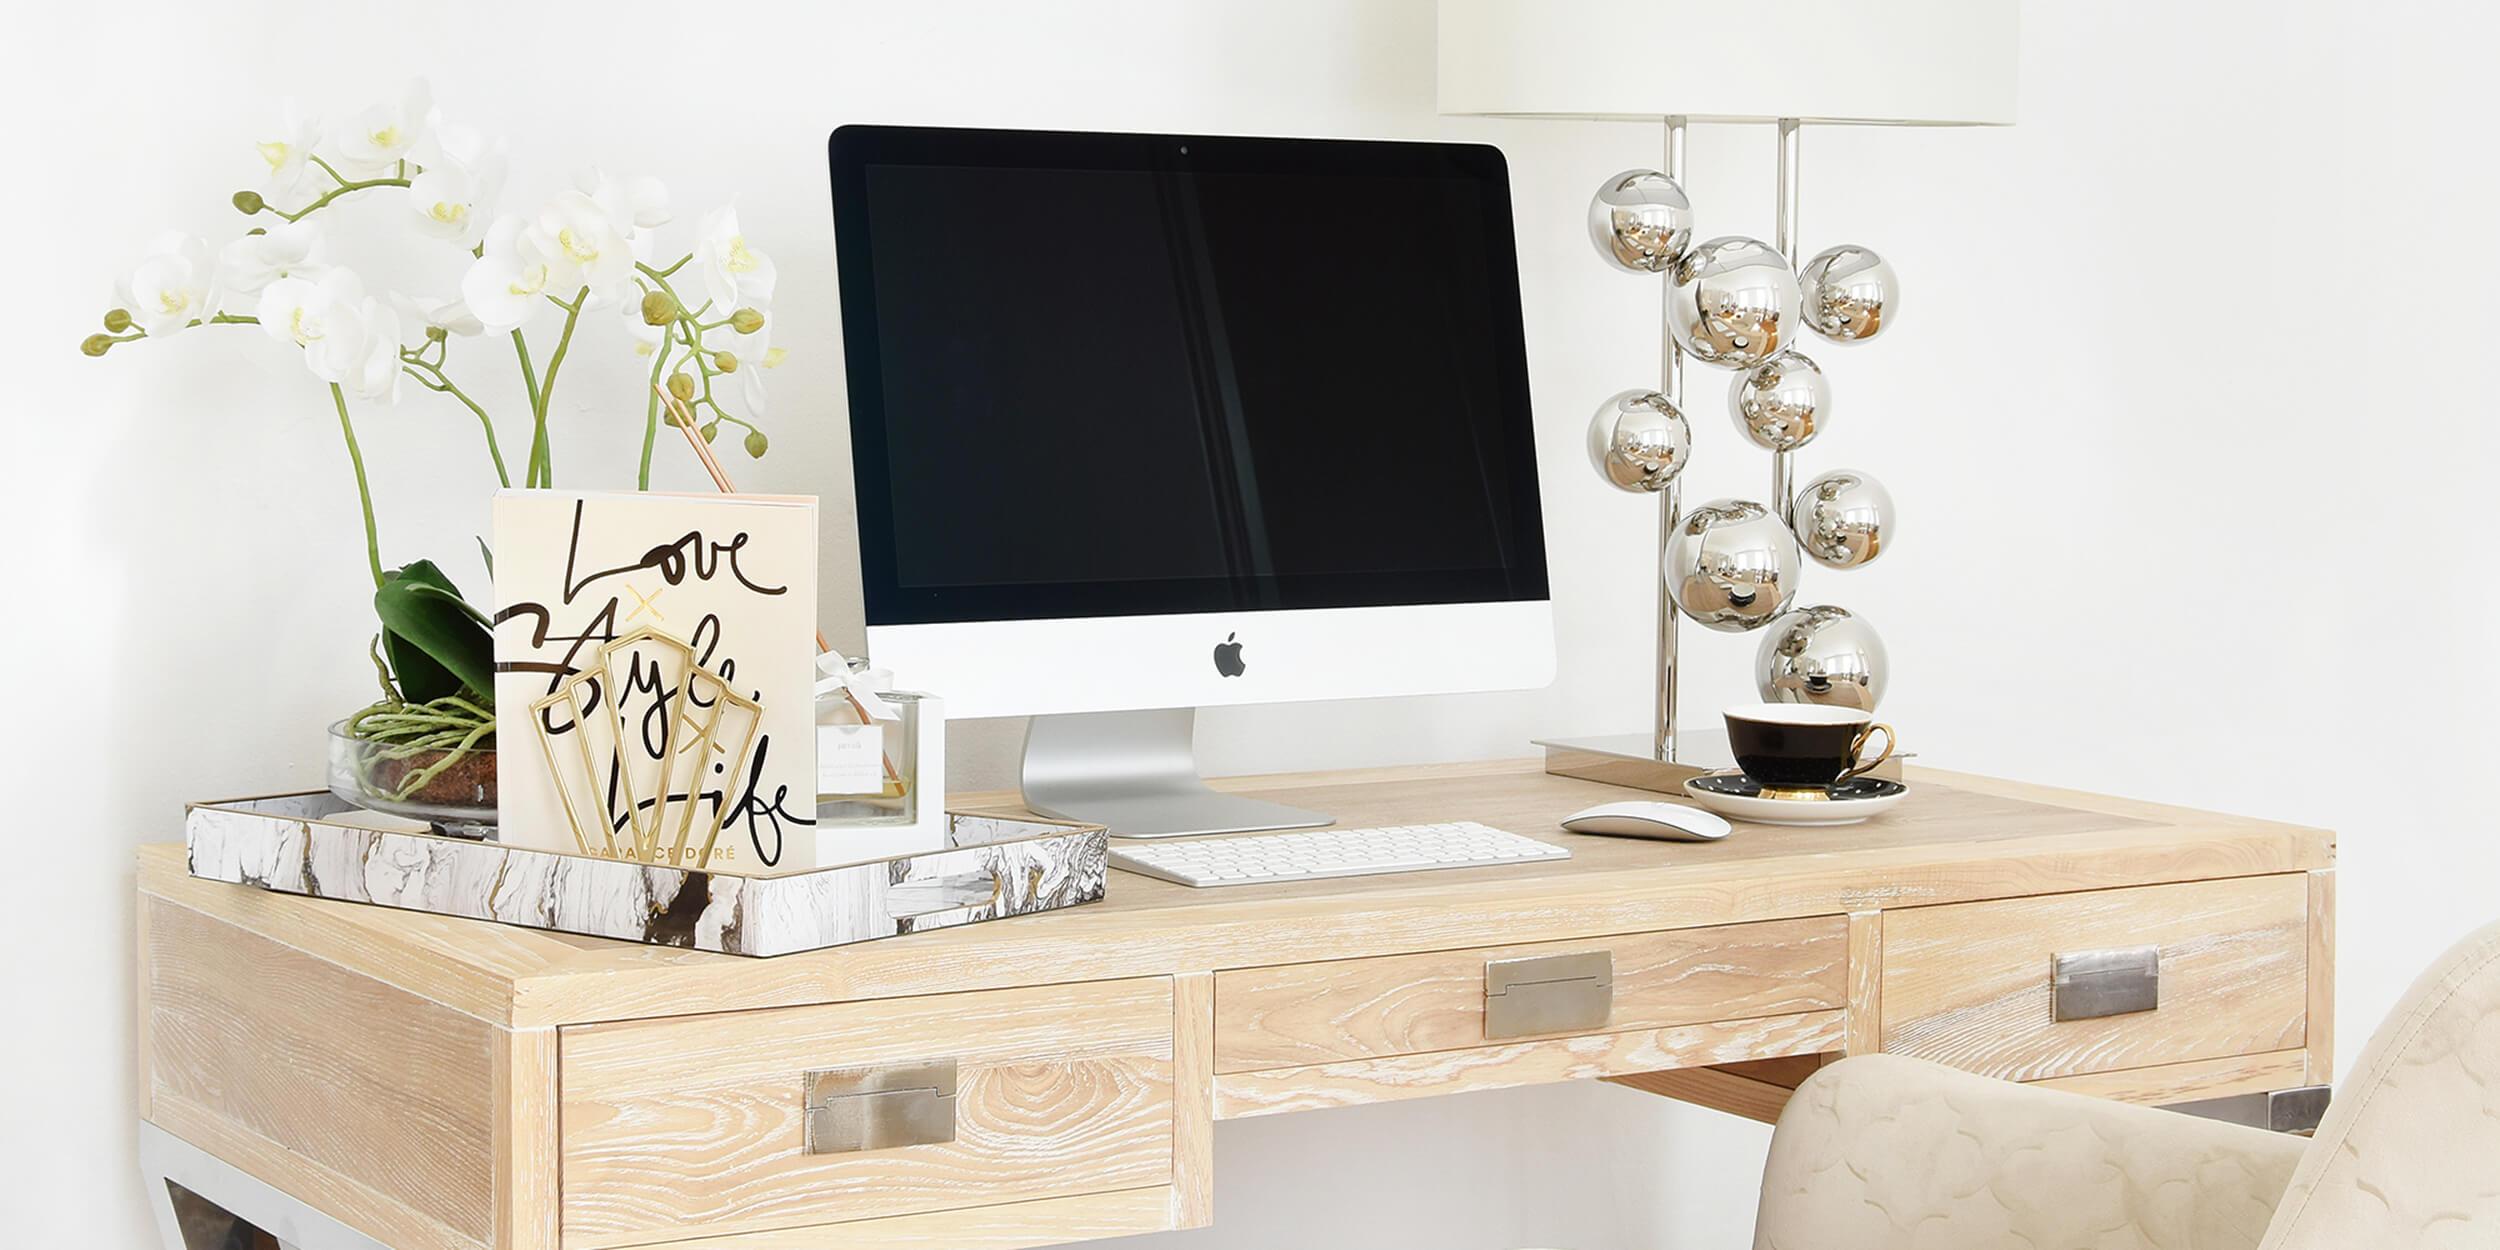 Schreibtisch perfekt gestylt :)